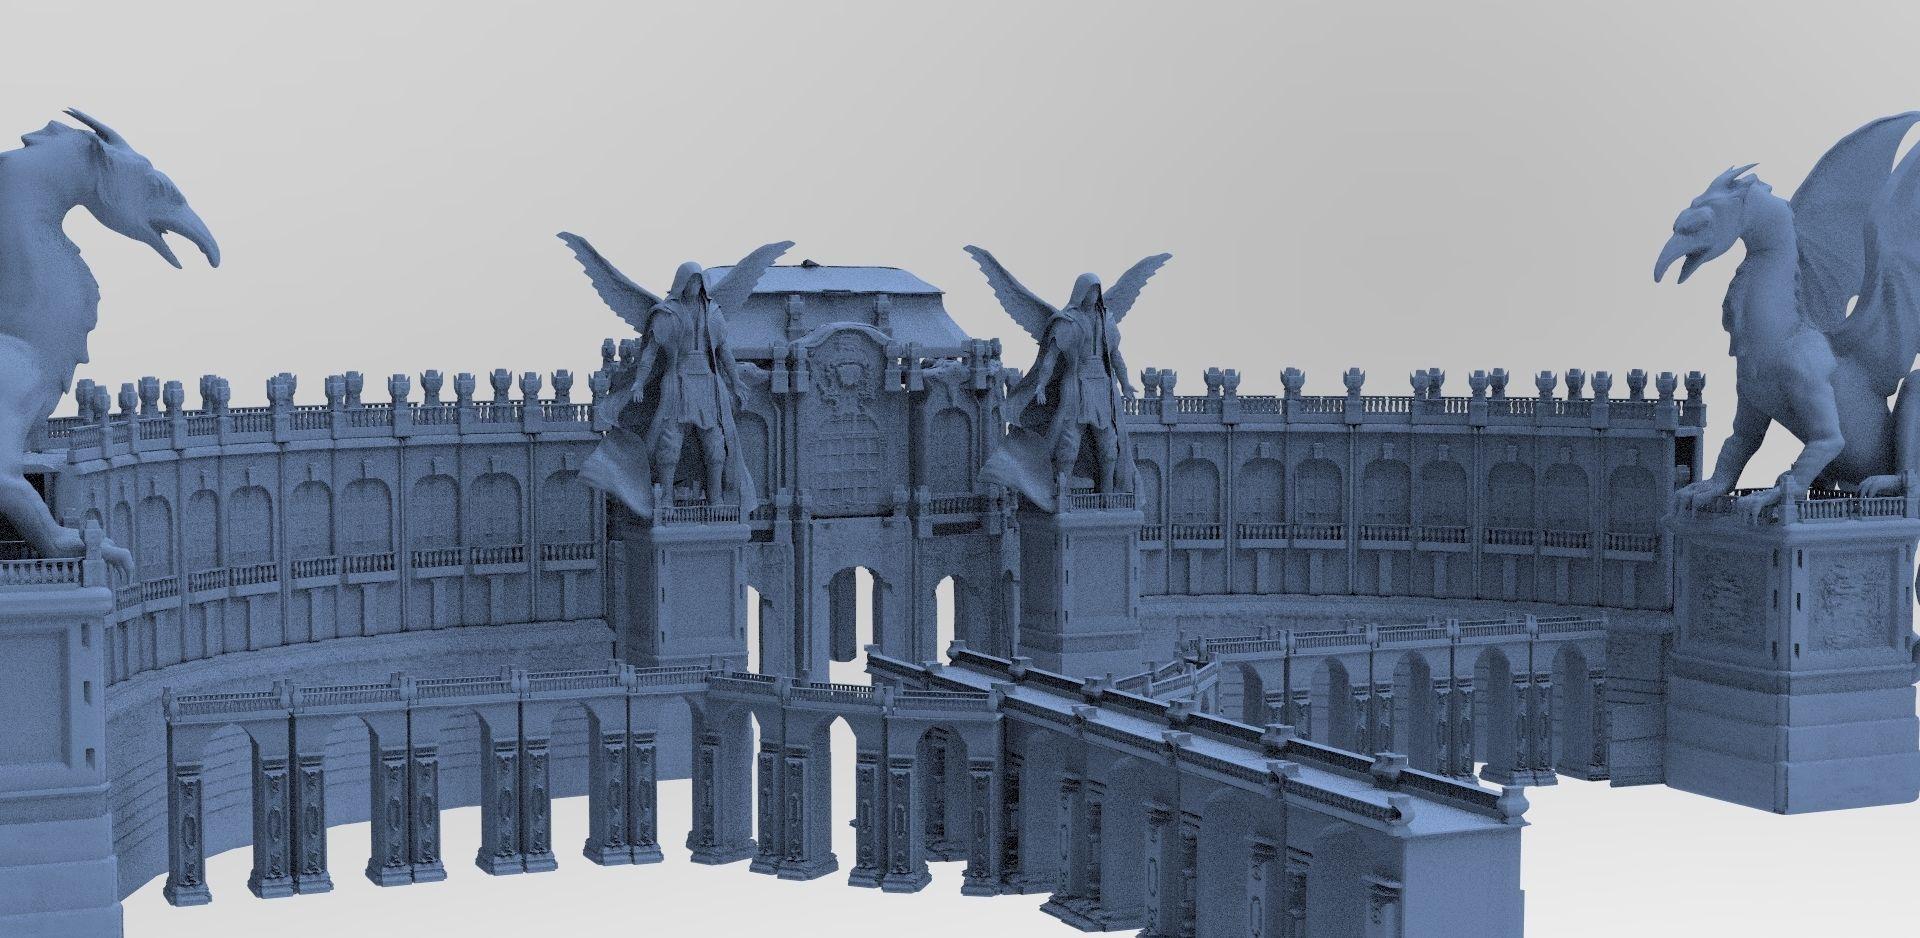 Baroque Palace Fantasy